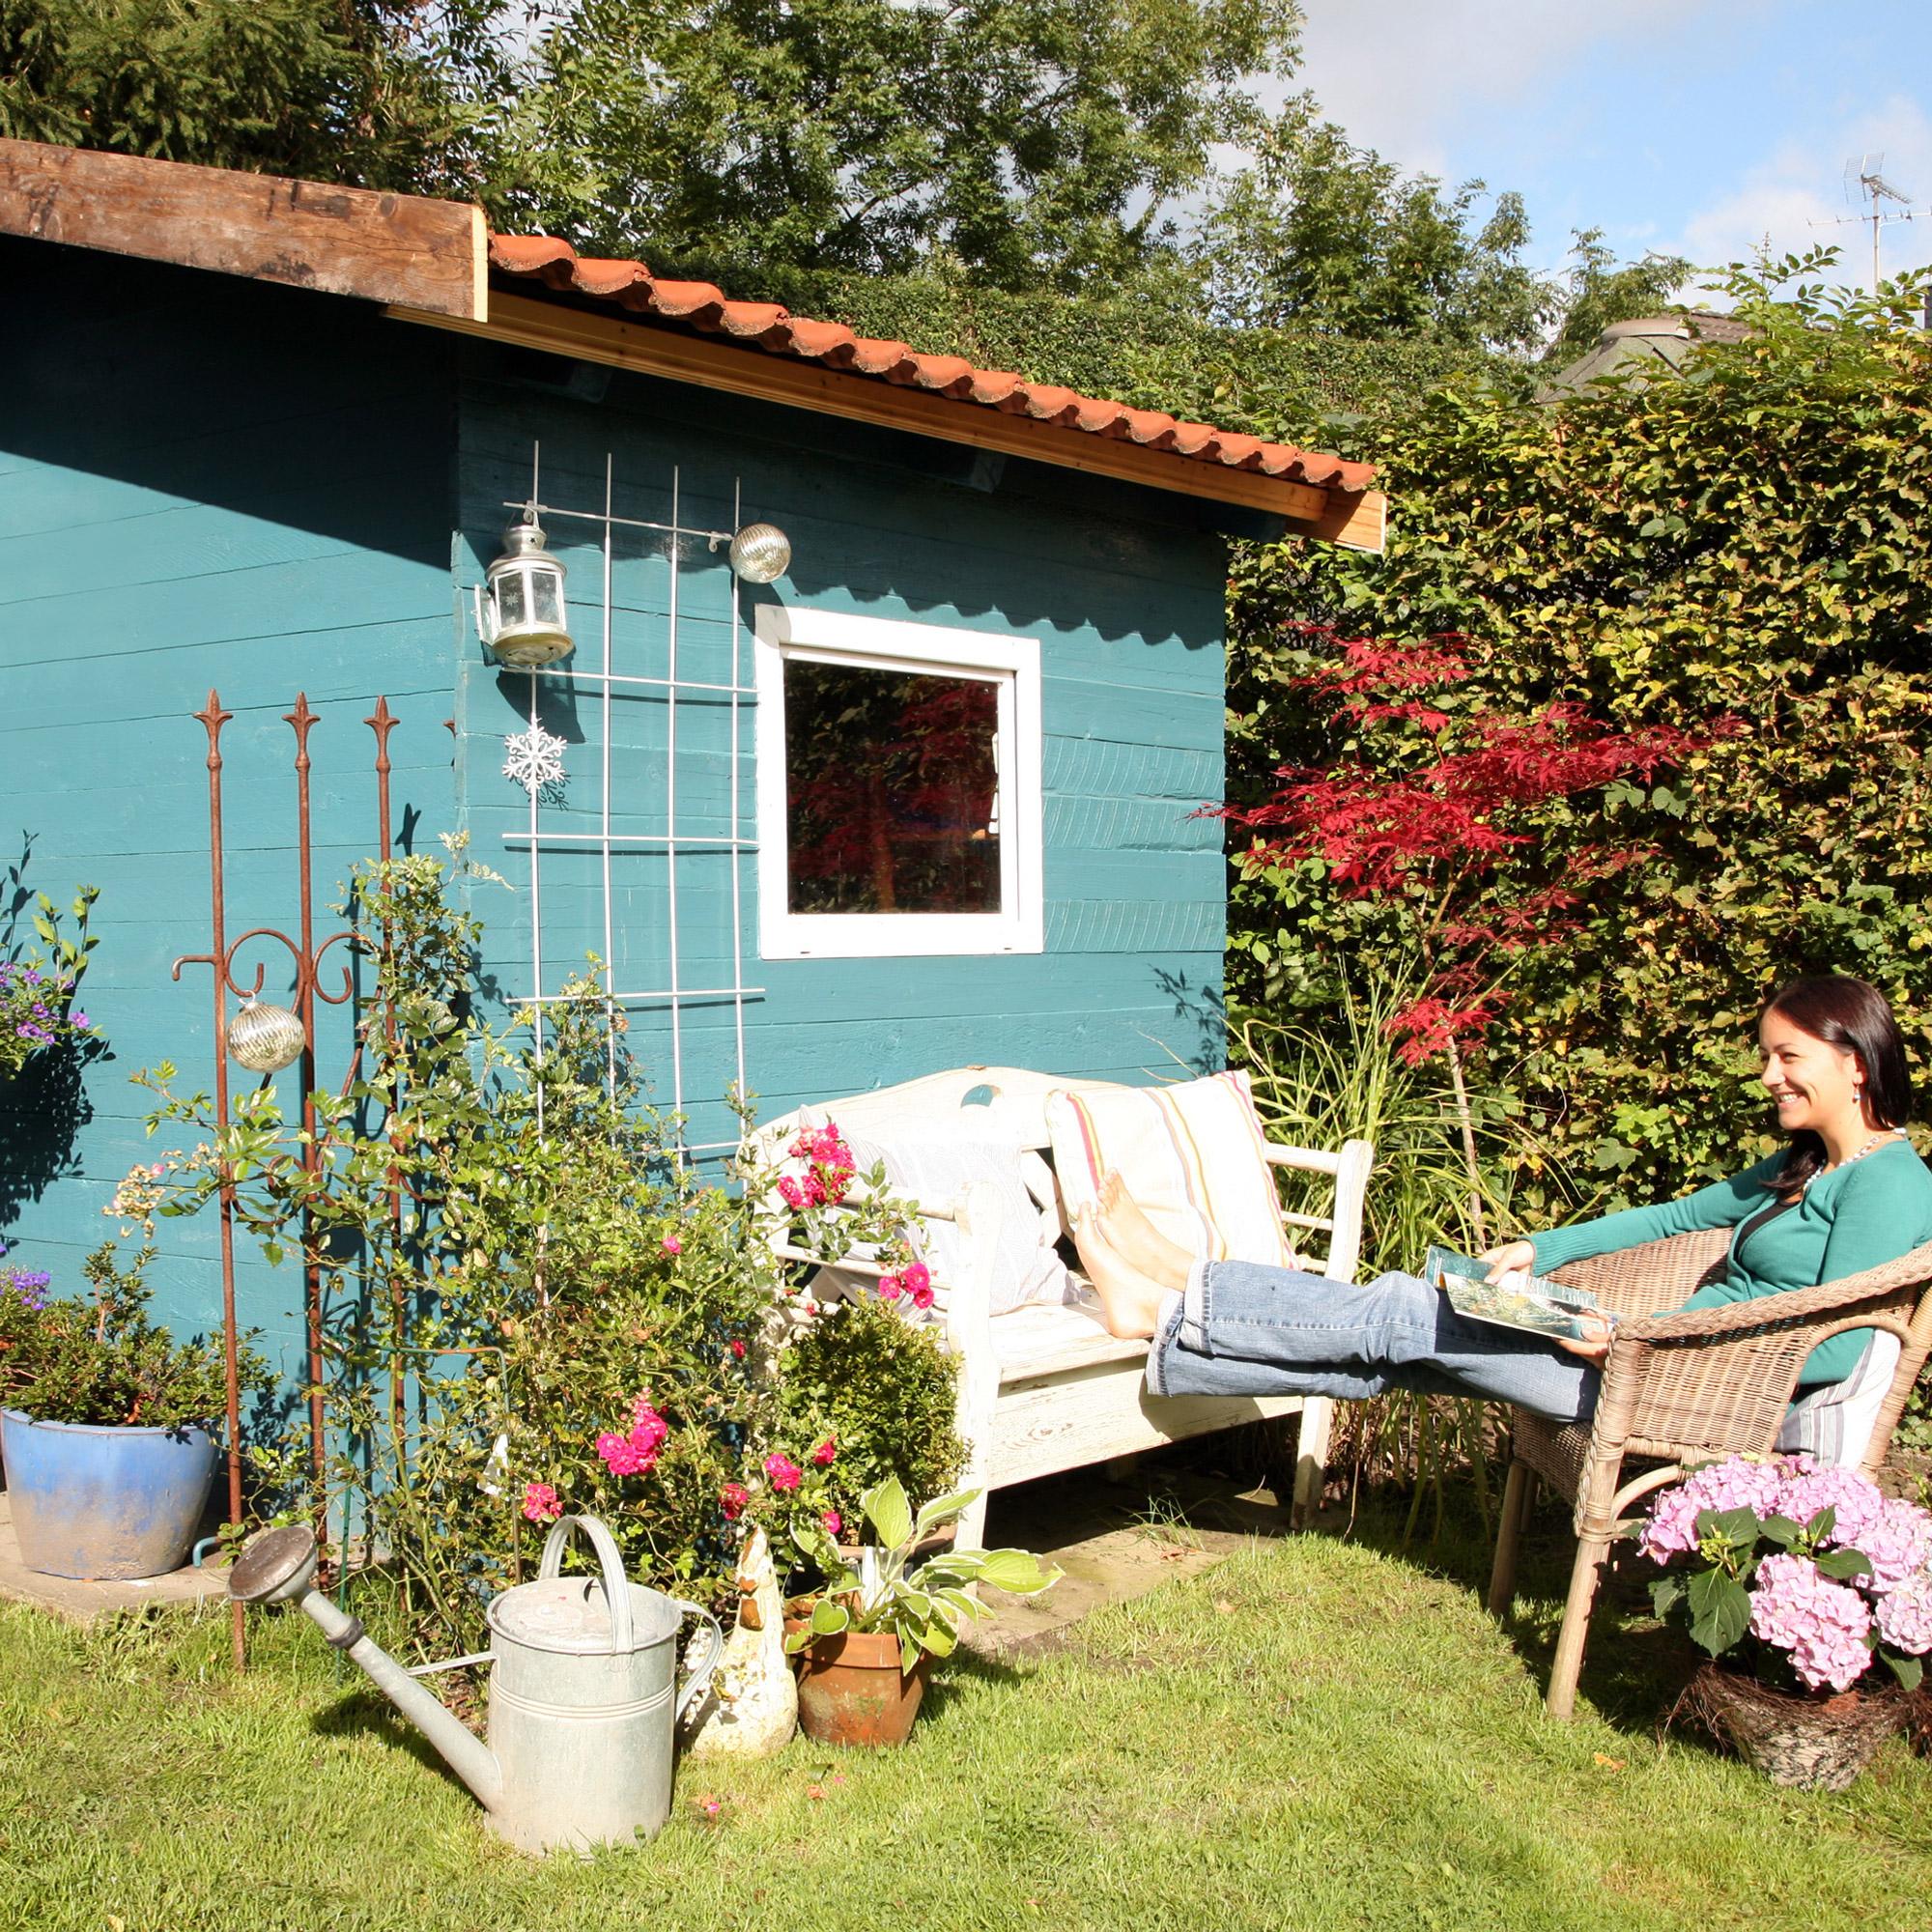 Gartenhaus genehmigungsfrei bauen – was ist erlaubt?